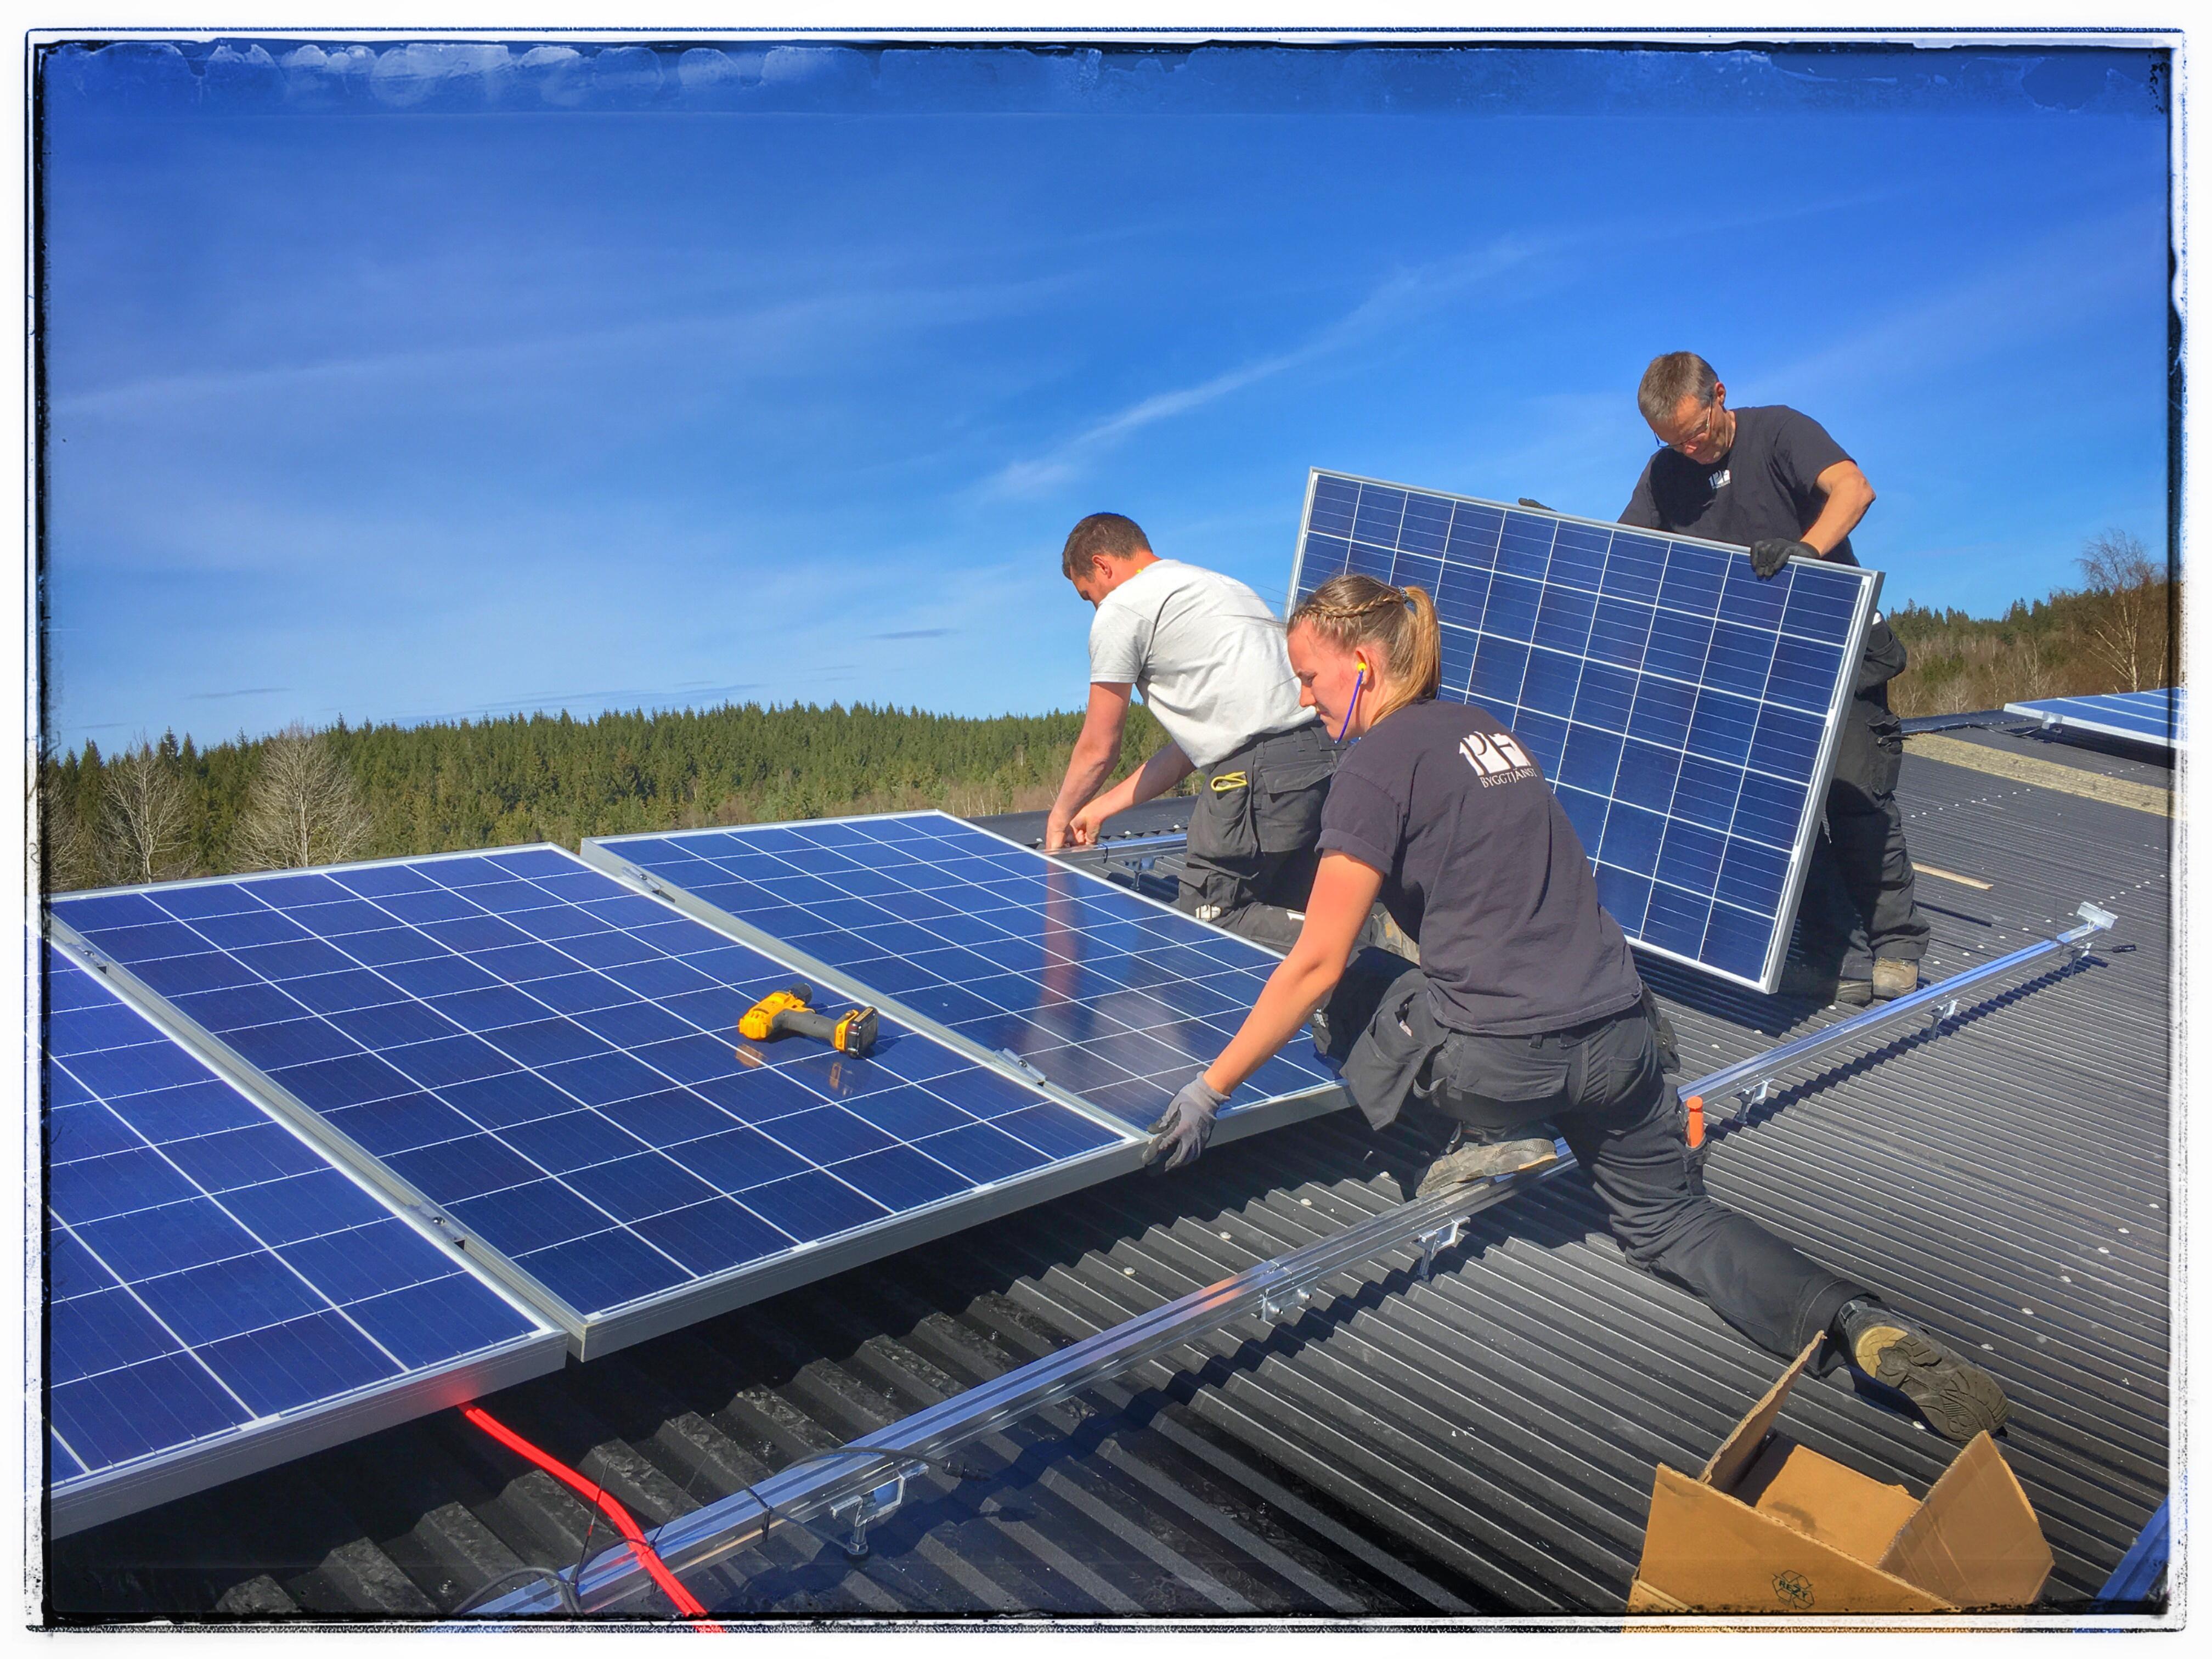 PE Byggtjänst monterar solceller i Sundhult